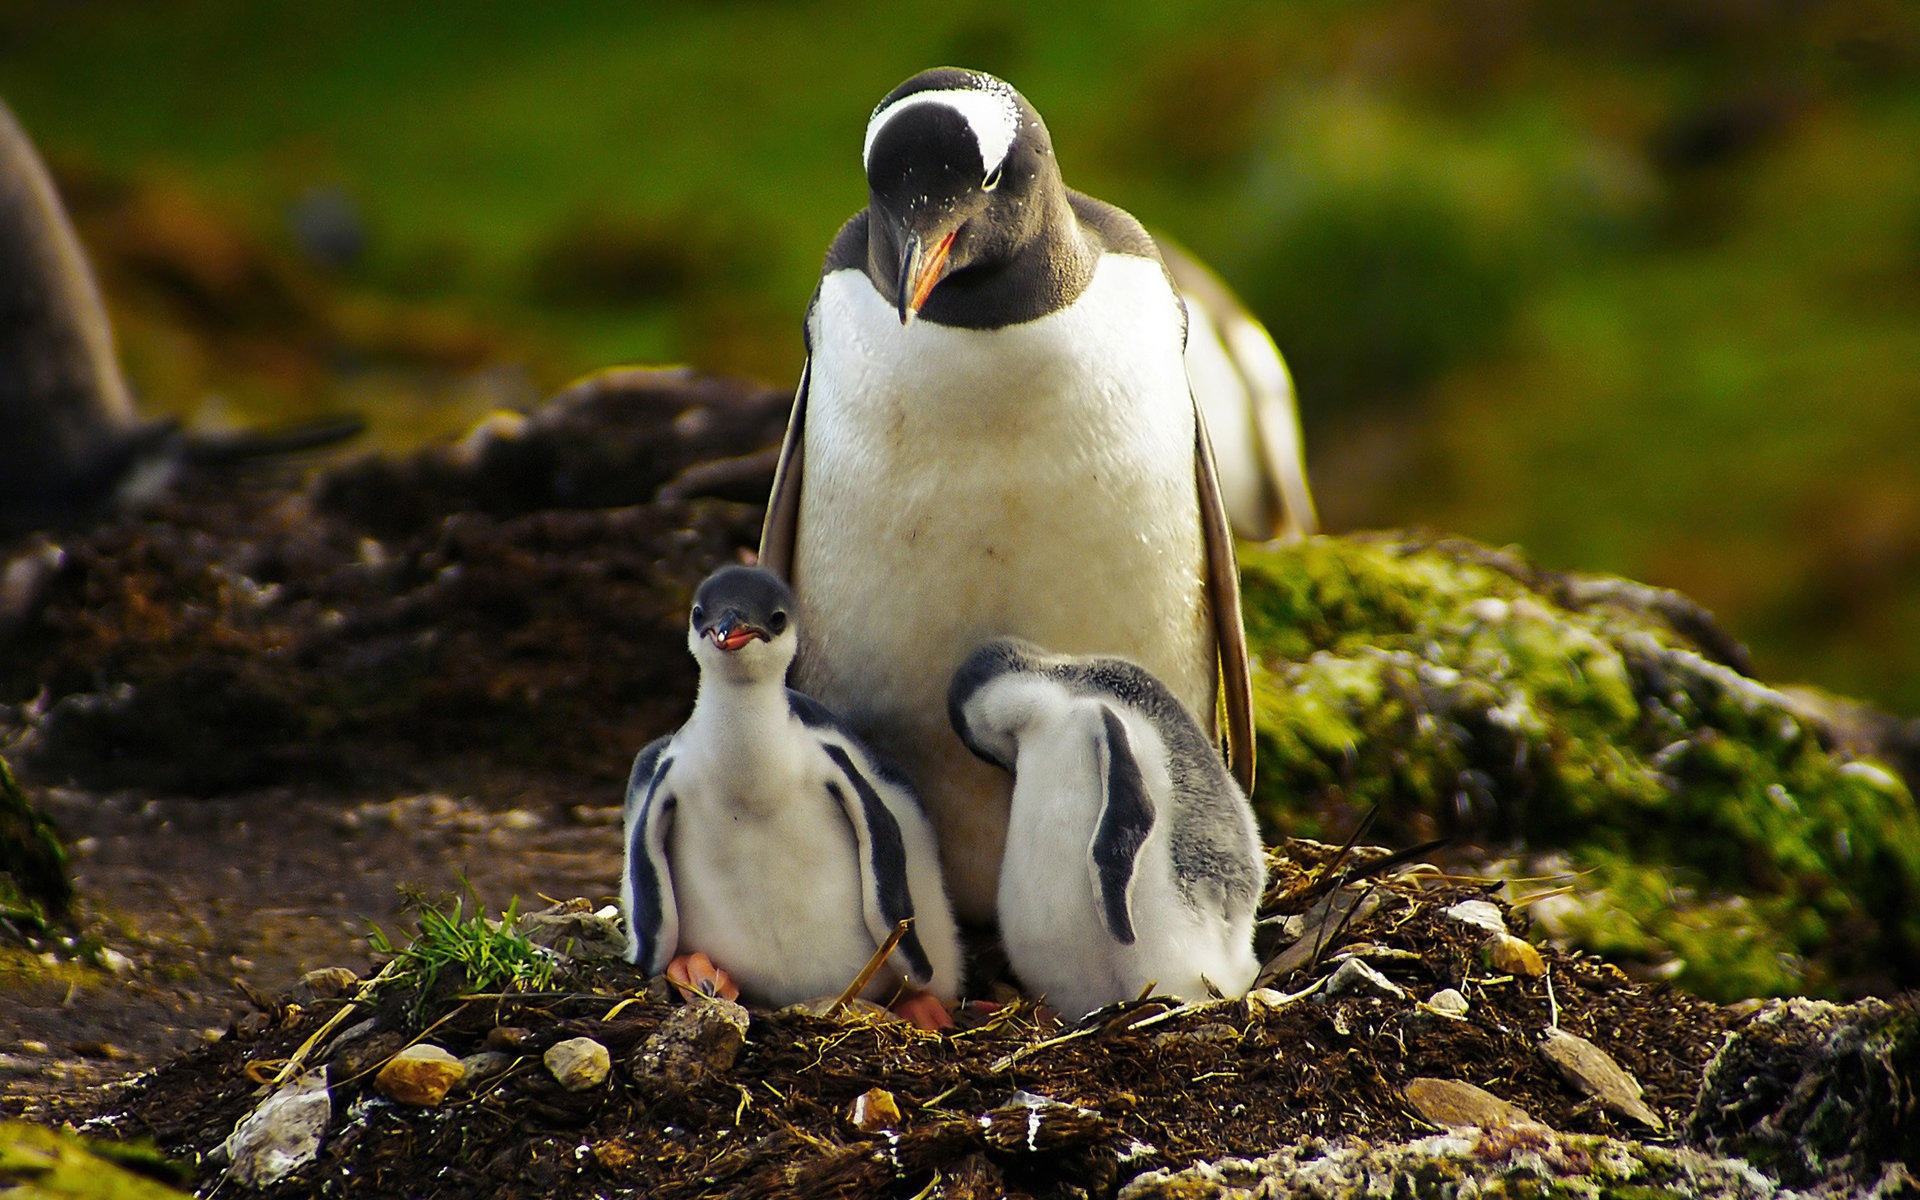 ペンギン Suicaキャラクター の画像 原寸画像検索